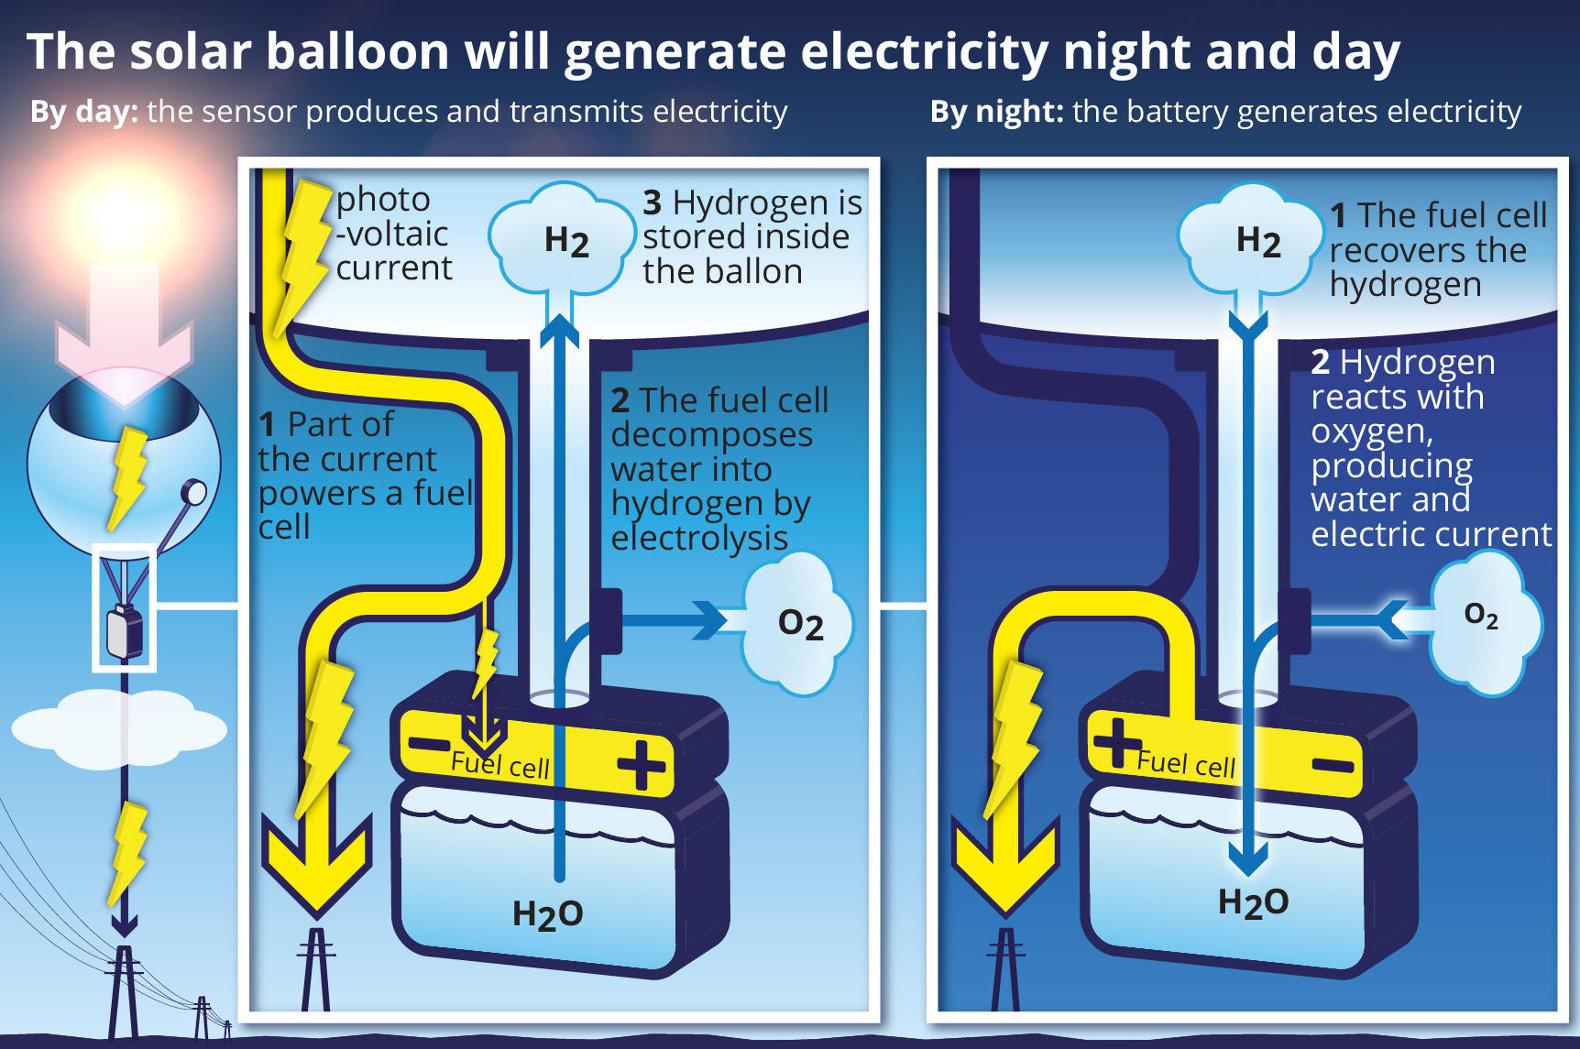 37cb37c8dc1 Un gruppo di ricerca franco-giapponese ha ideato dei palloni per catturare  l energia solare ad alta quota e produrre elettricità 24 ore al giorno.